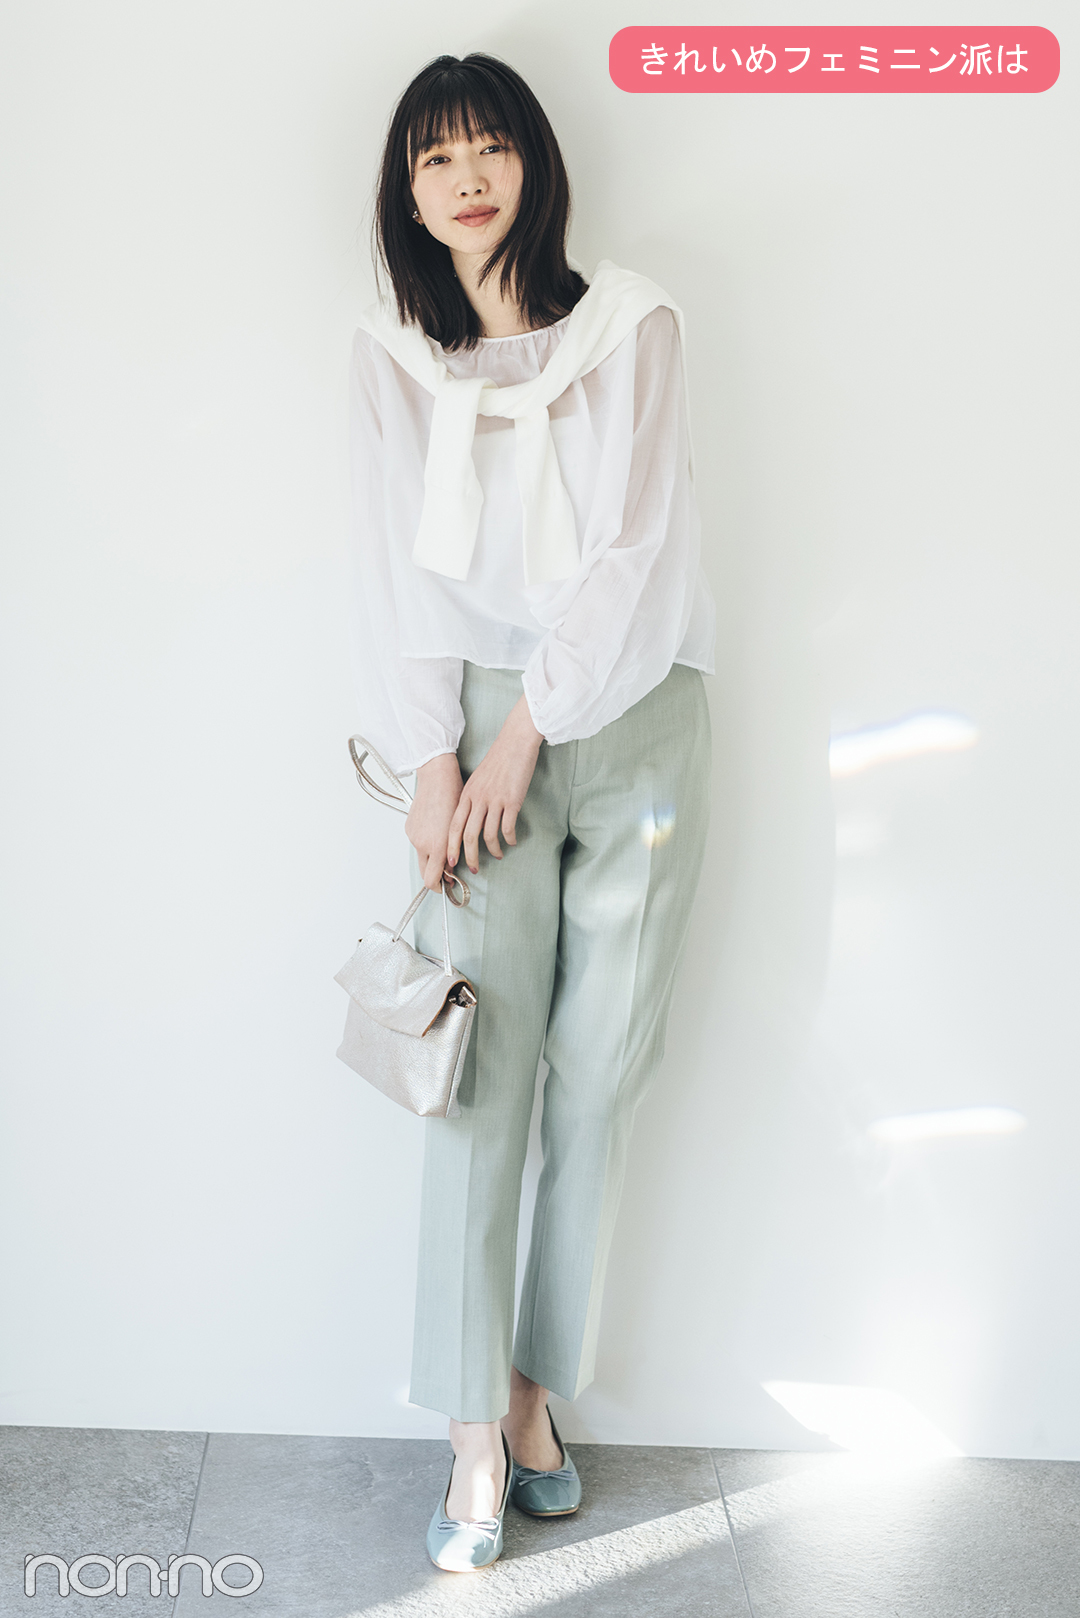 スタイルUP確実な きれい色テーパードパンツ きれいめフェミニン派は 岡本夏美